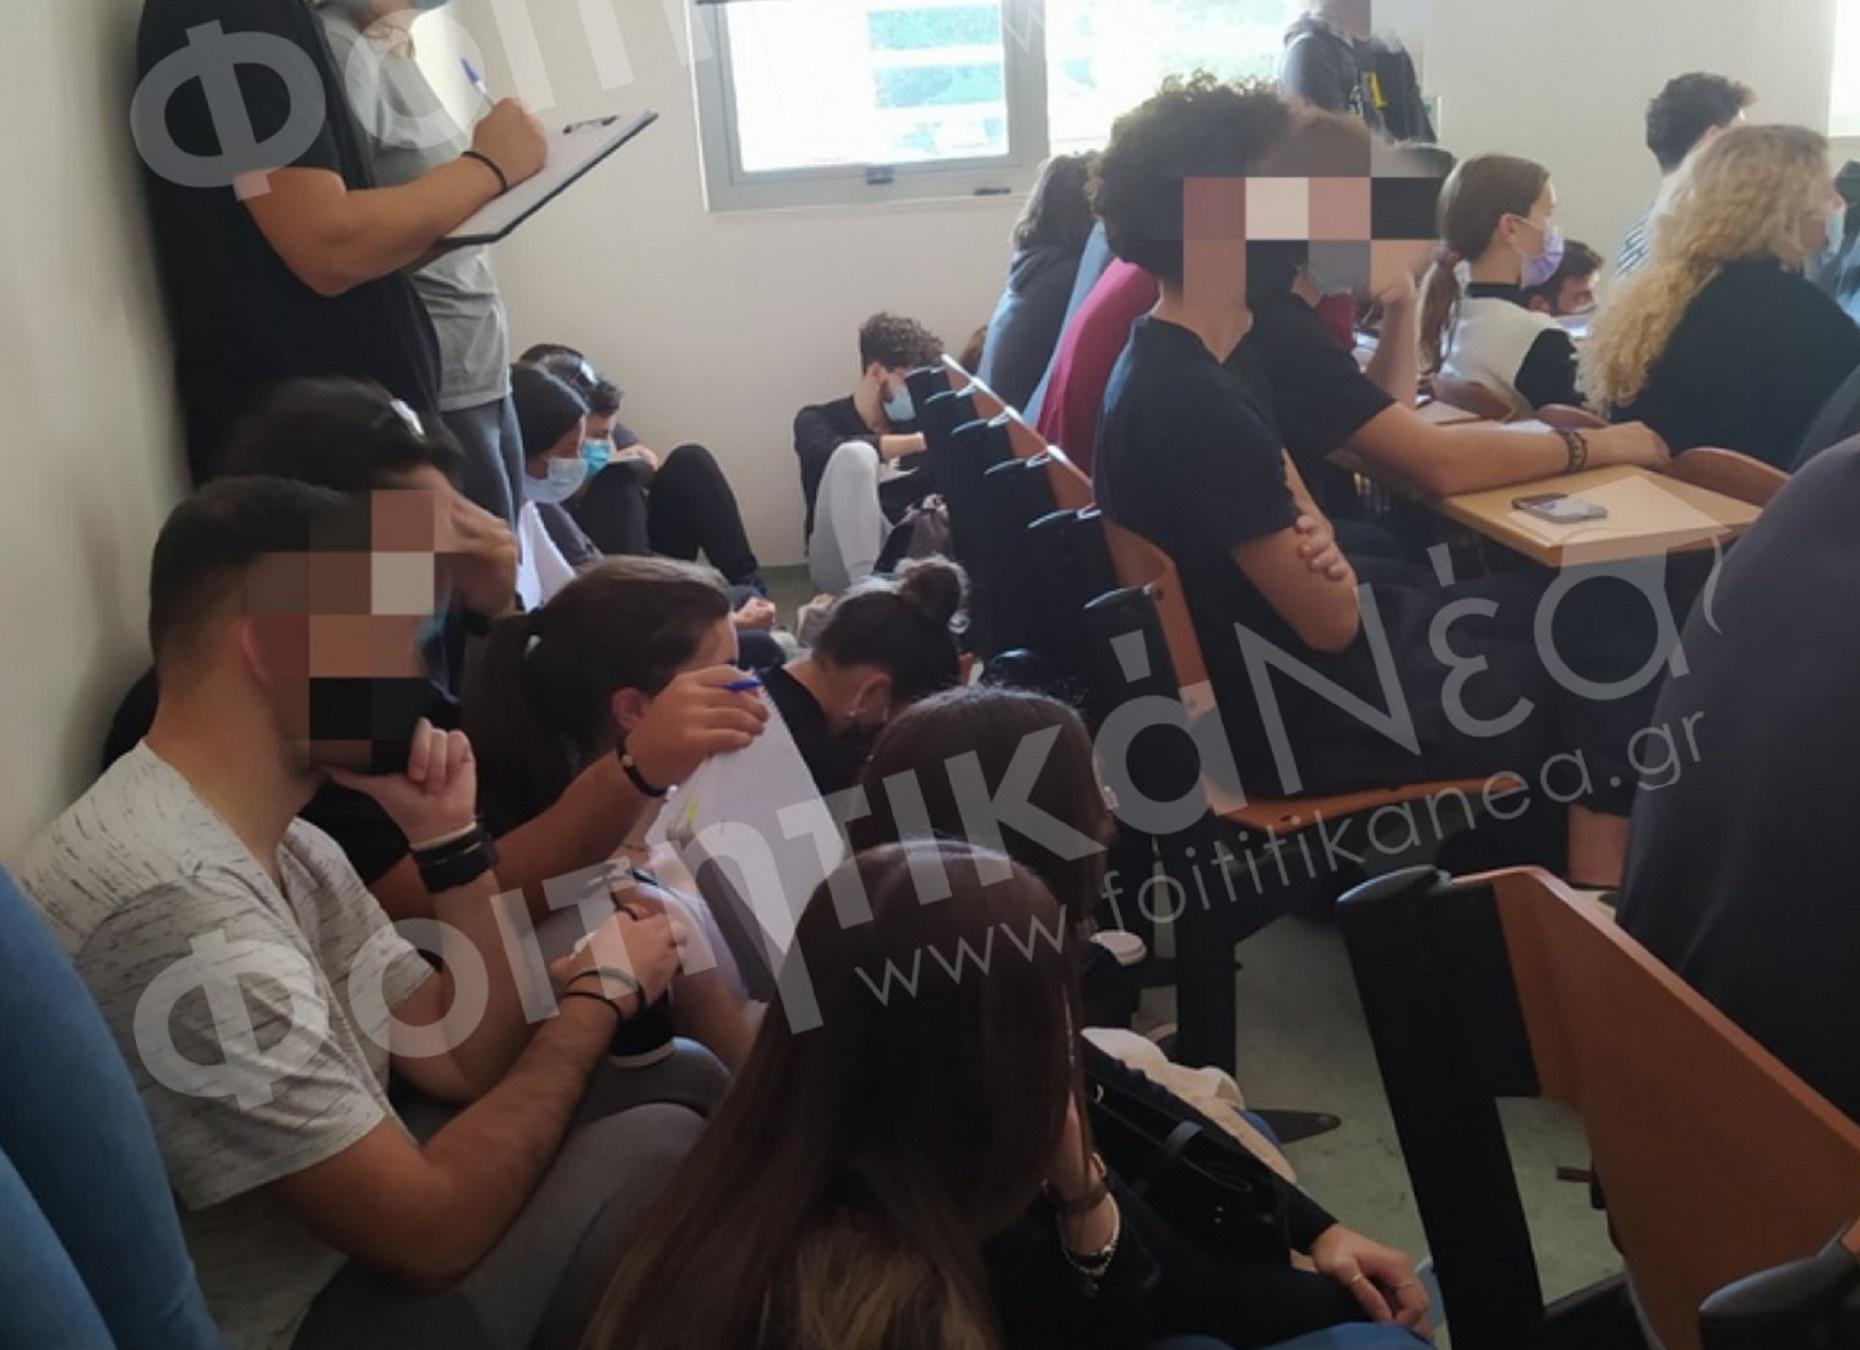 Κορονοϊός – Πανεπιστήμιο Ιωαννίνων: Απίστευτο συνωστισμό σε μάθημα καταγγέλλουν φοιτητές